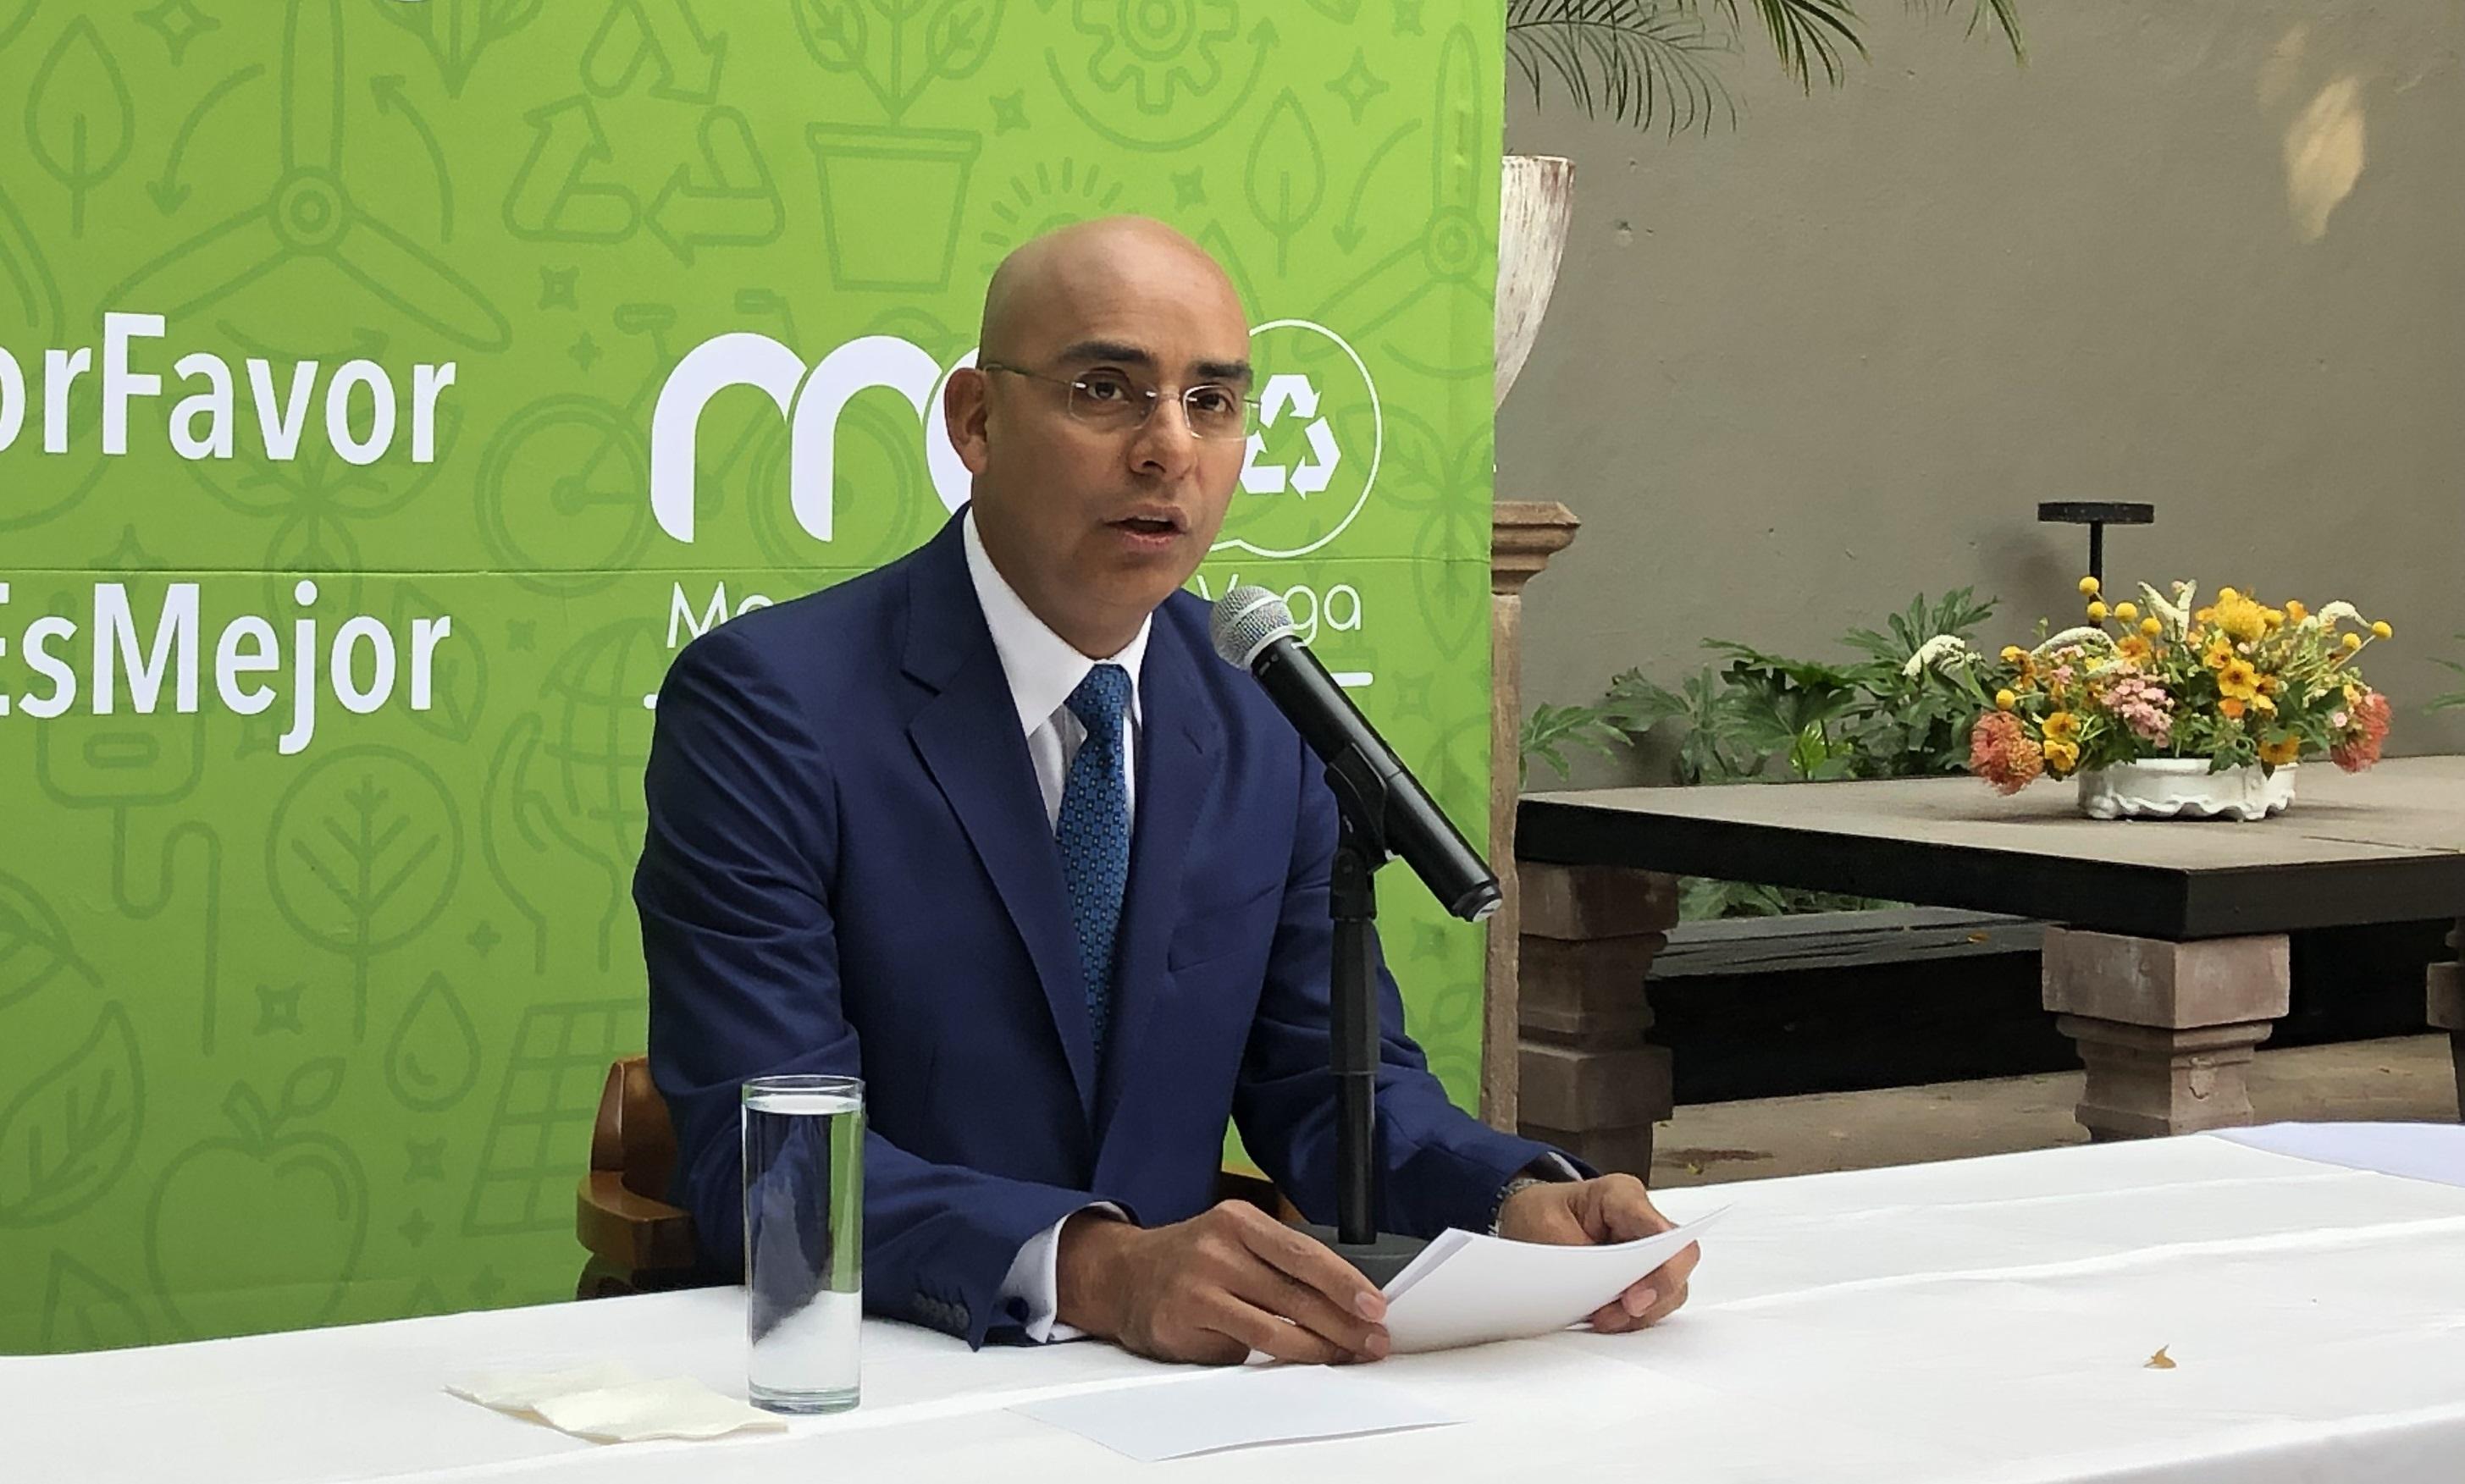 Marcos Aguilar, ¿Desesperado por que lo acepten en otro partido?